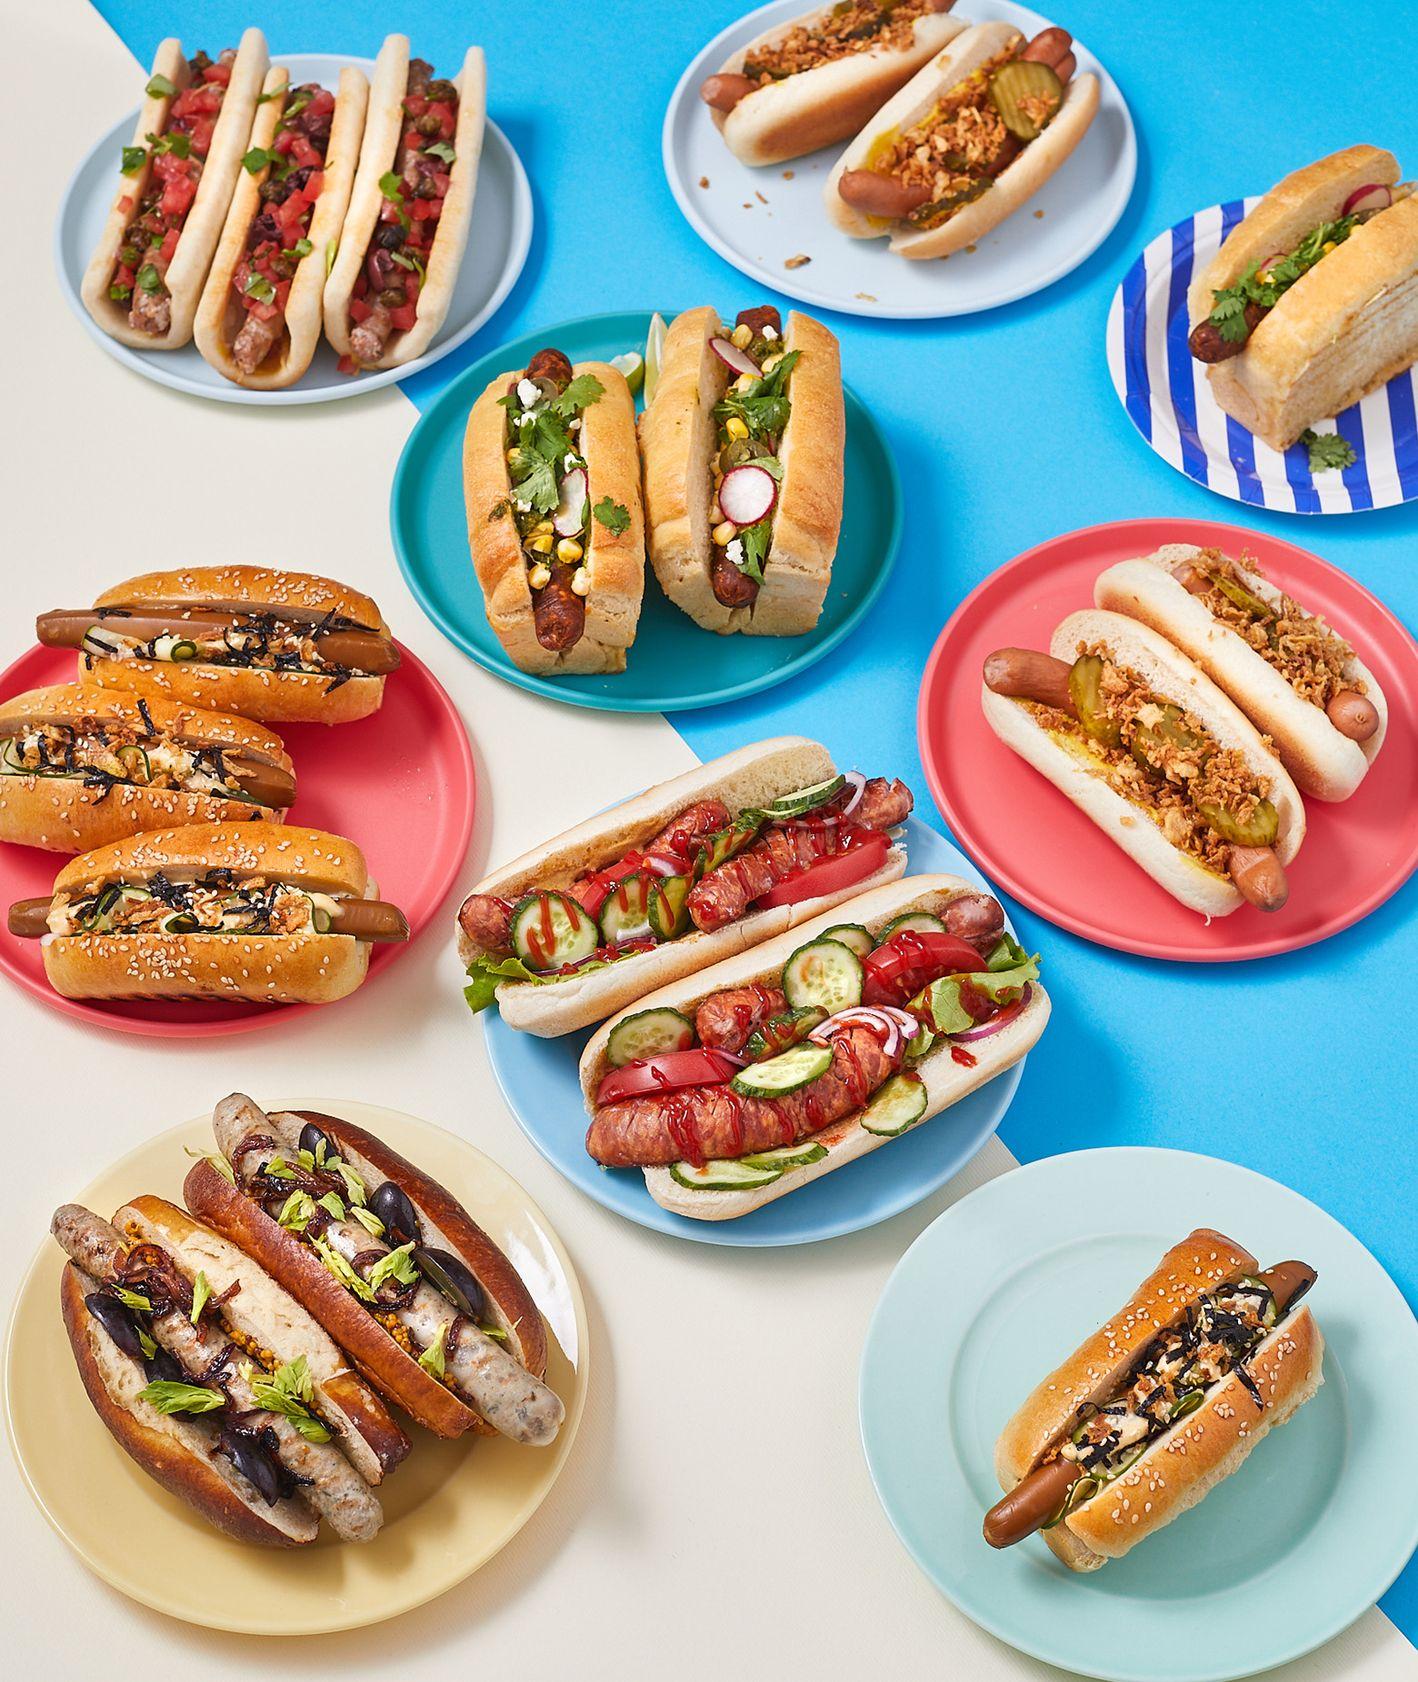 Hot dogi z różnymi dodatkami, przygotowane na sześć sposobów (fot. Maciek Niemojewski)